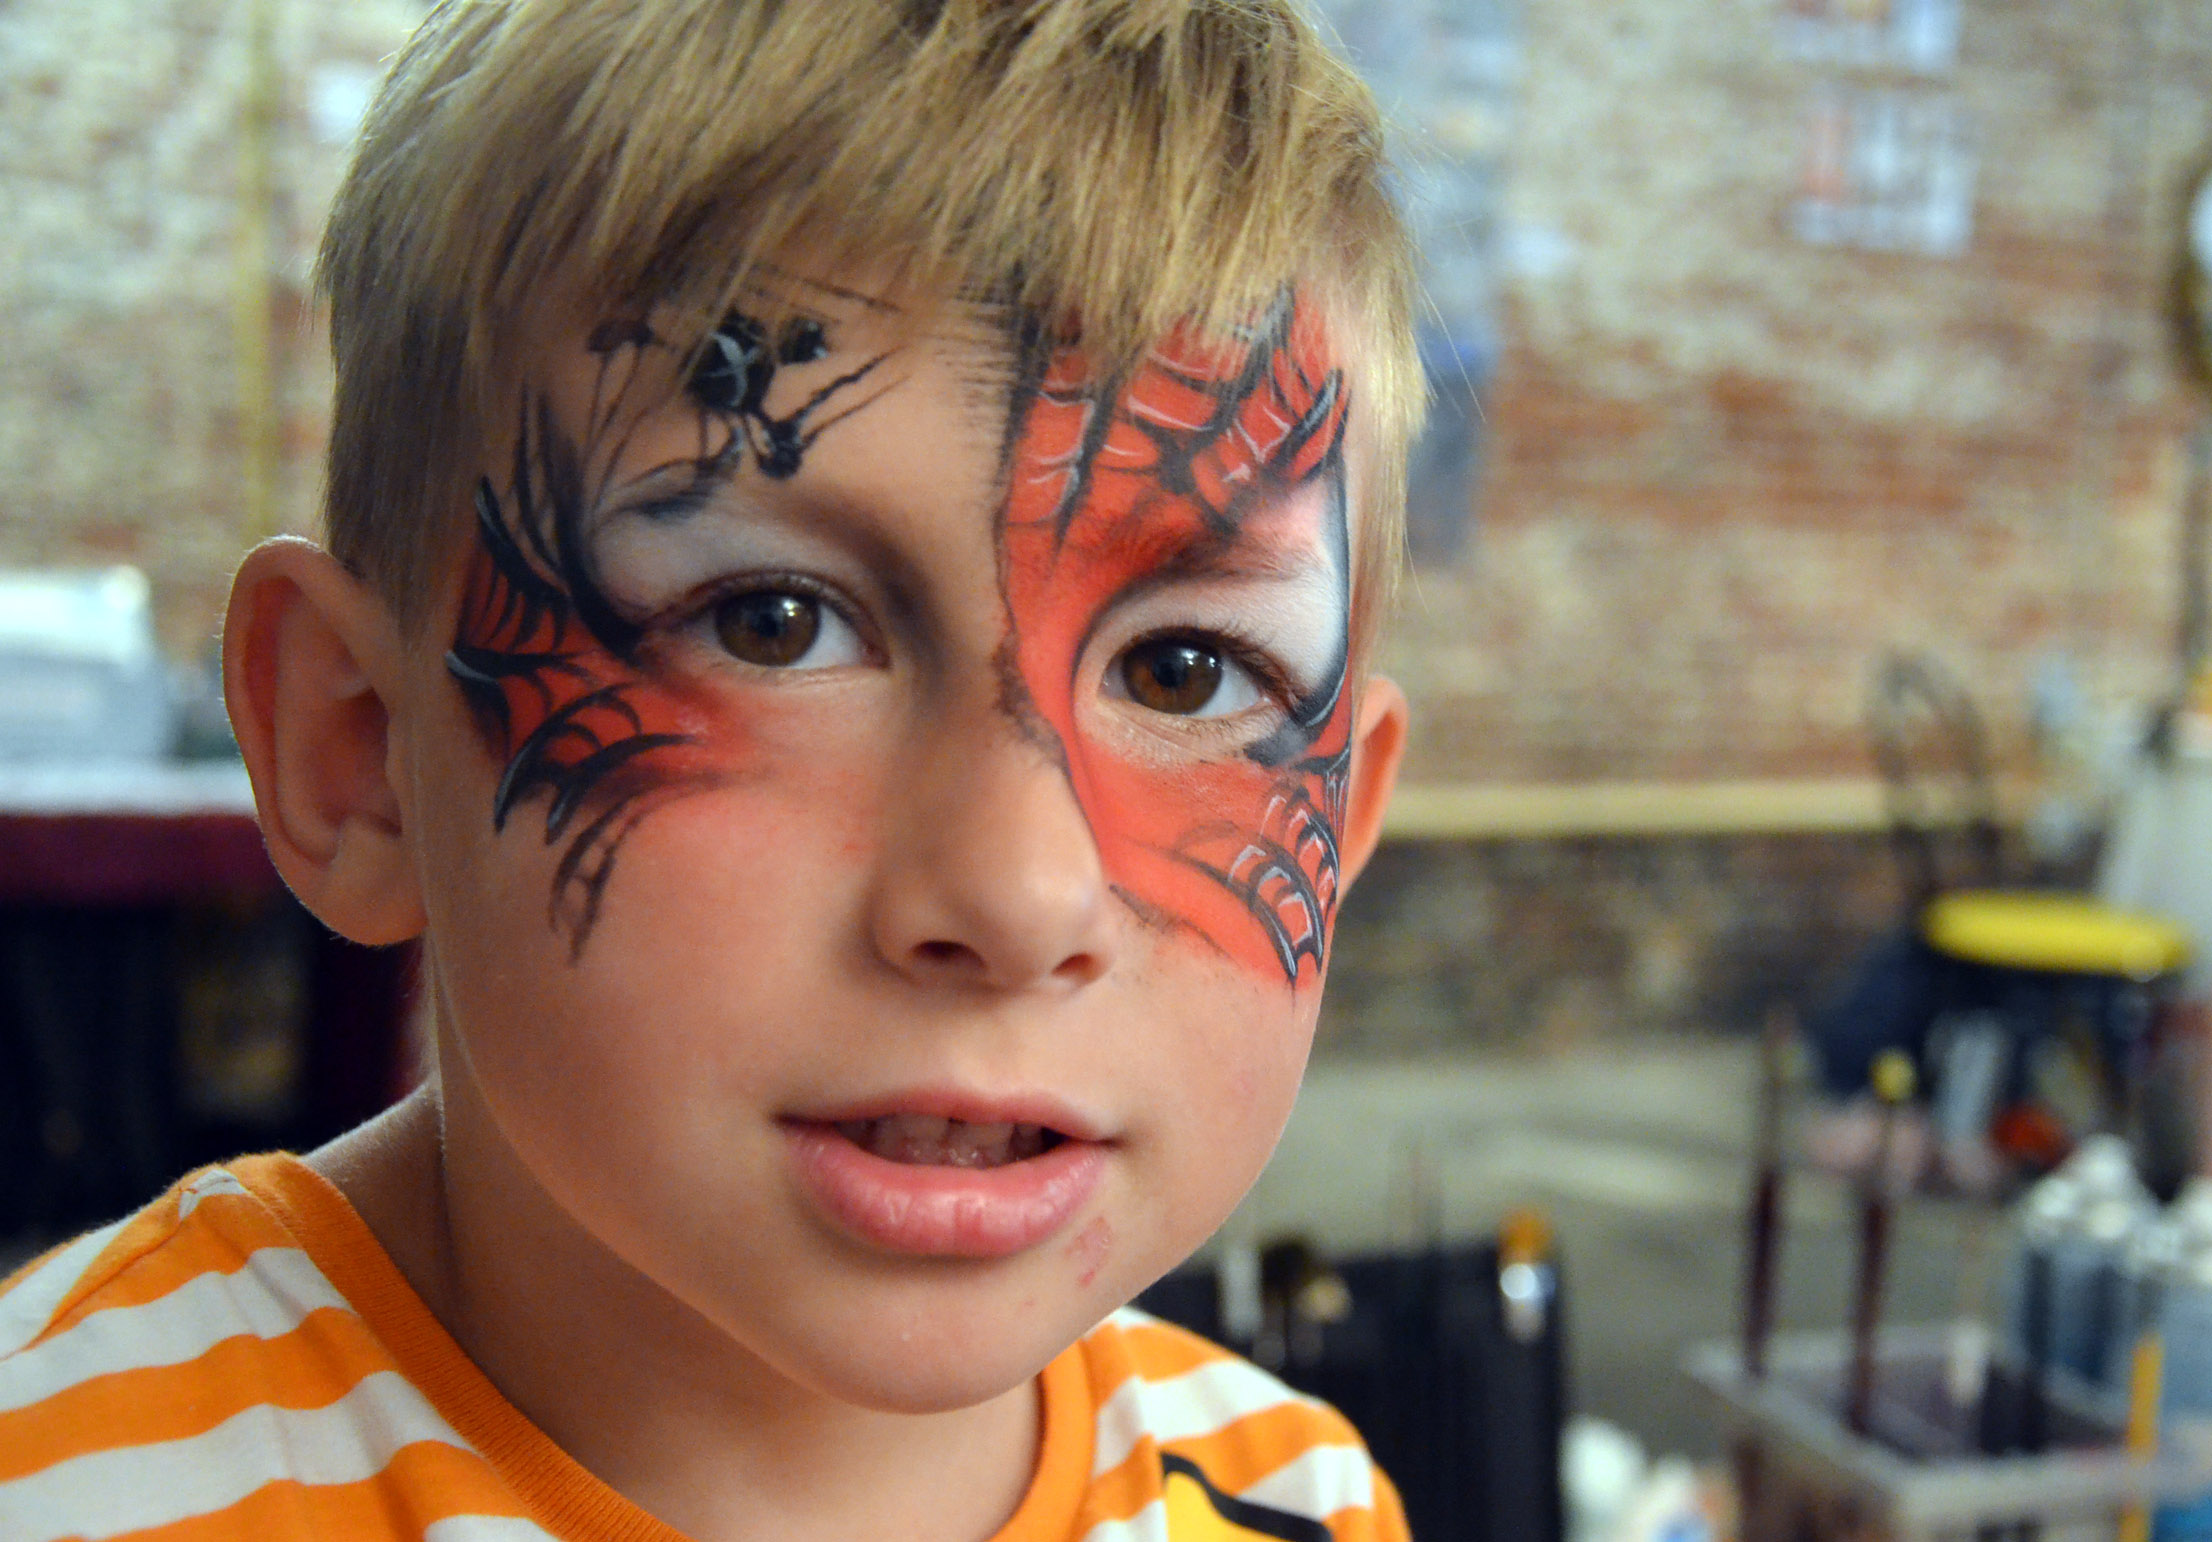 spiderman schmink Amsterdam